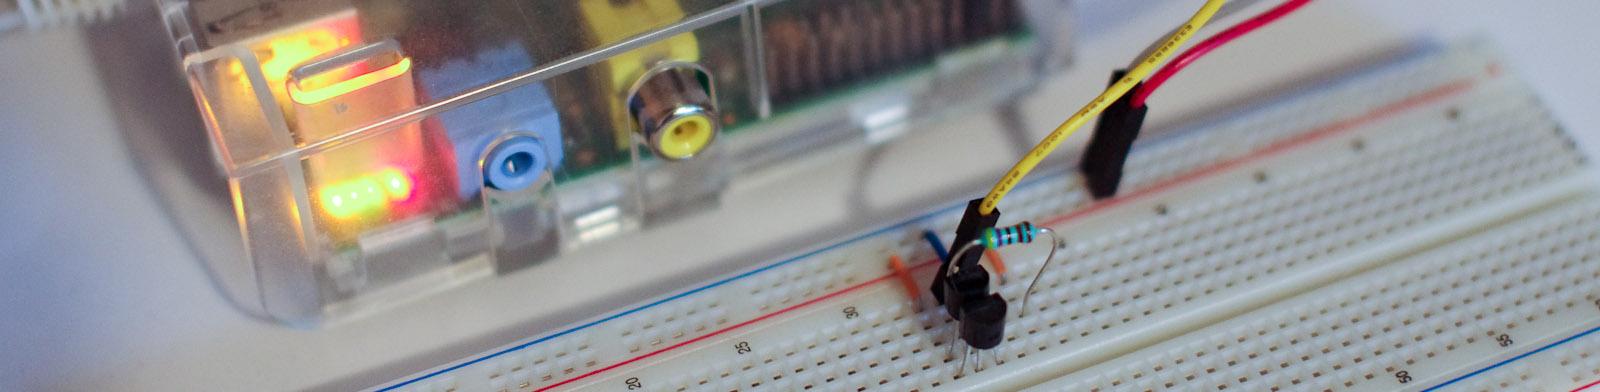 Raspberry Pi and 1-Wire temperature sensor